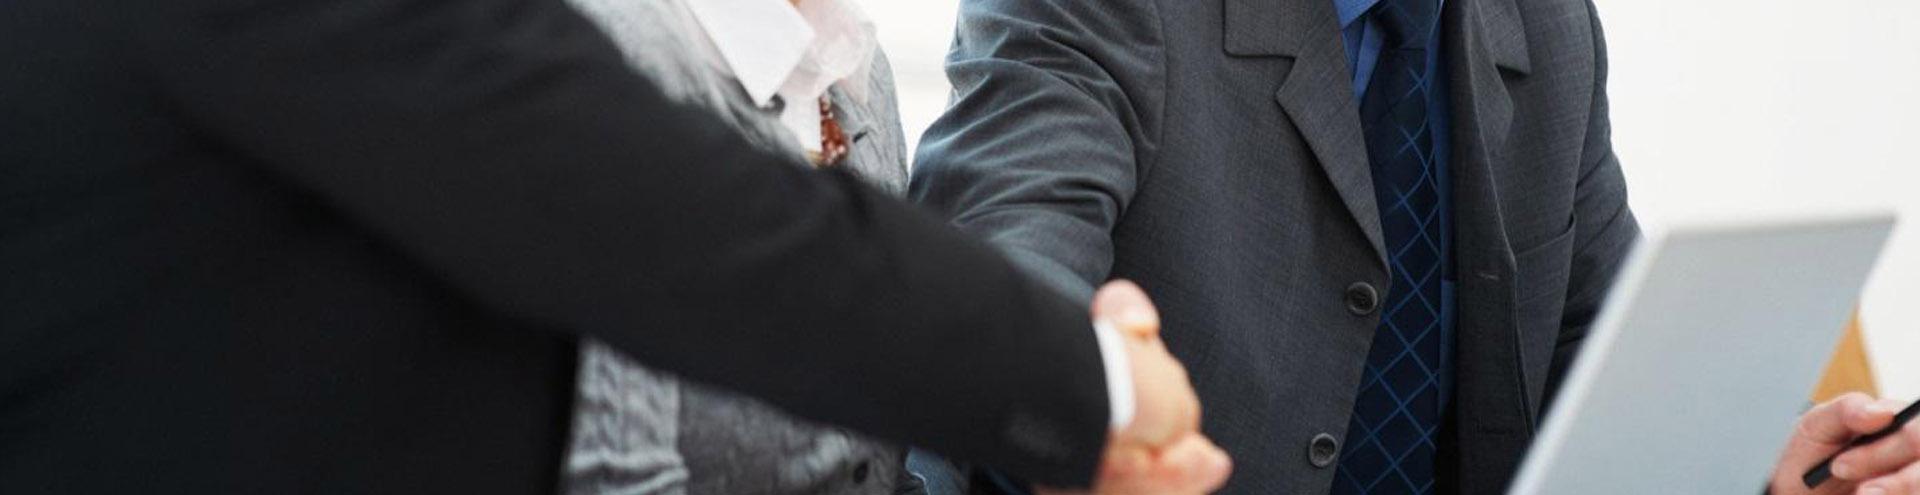 консультация юриста в Астрахани